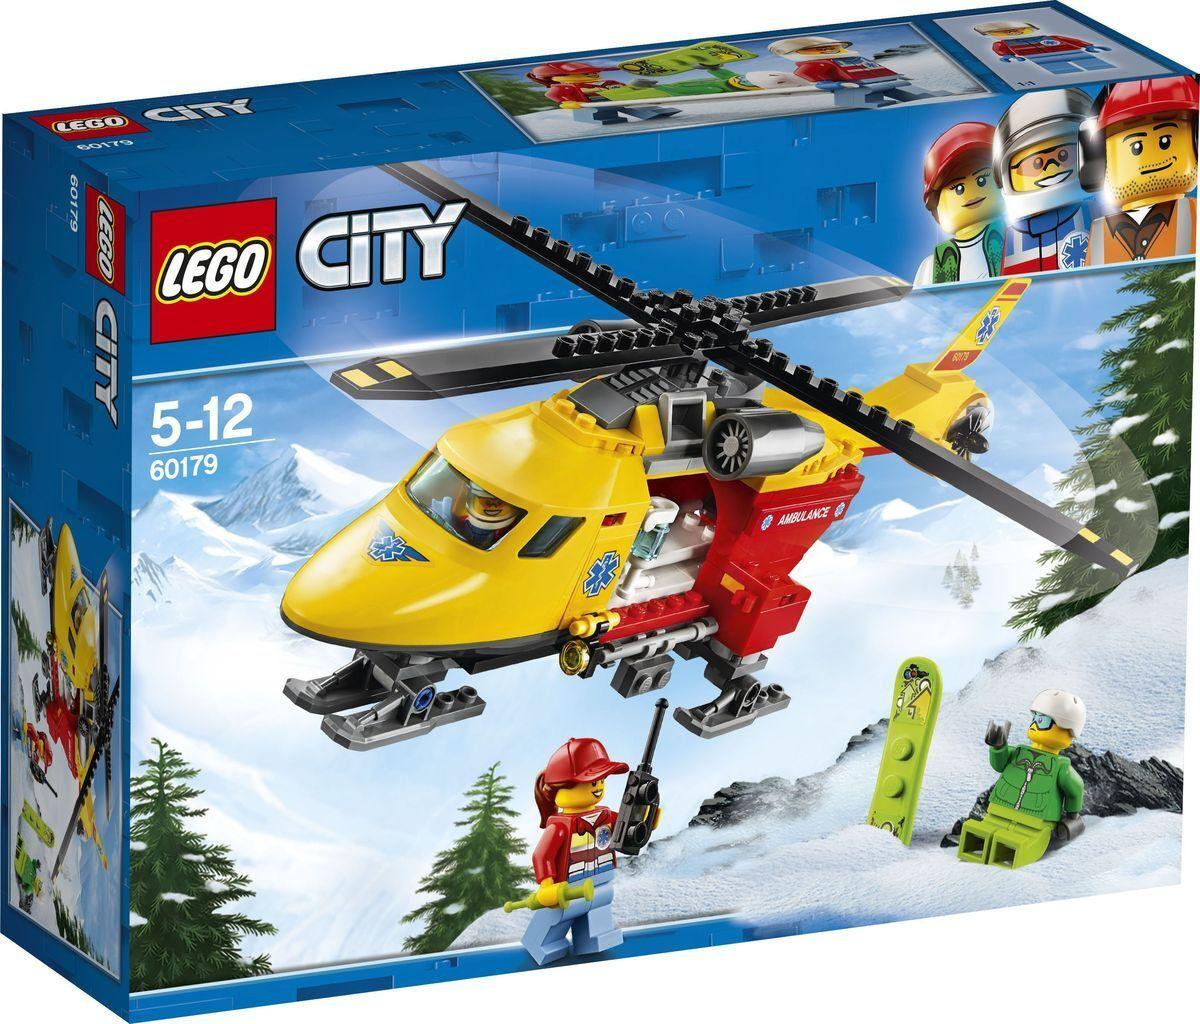 LEGO City Great Vehicles 60179 Вертолет скорой помощи Конструктор lego city 60179 вертолёт скорой помощи lego